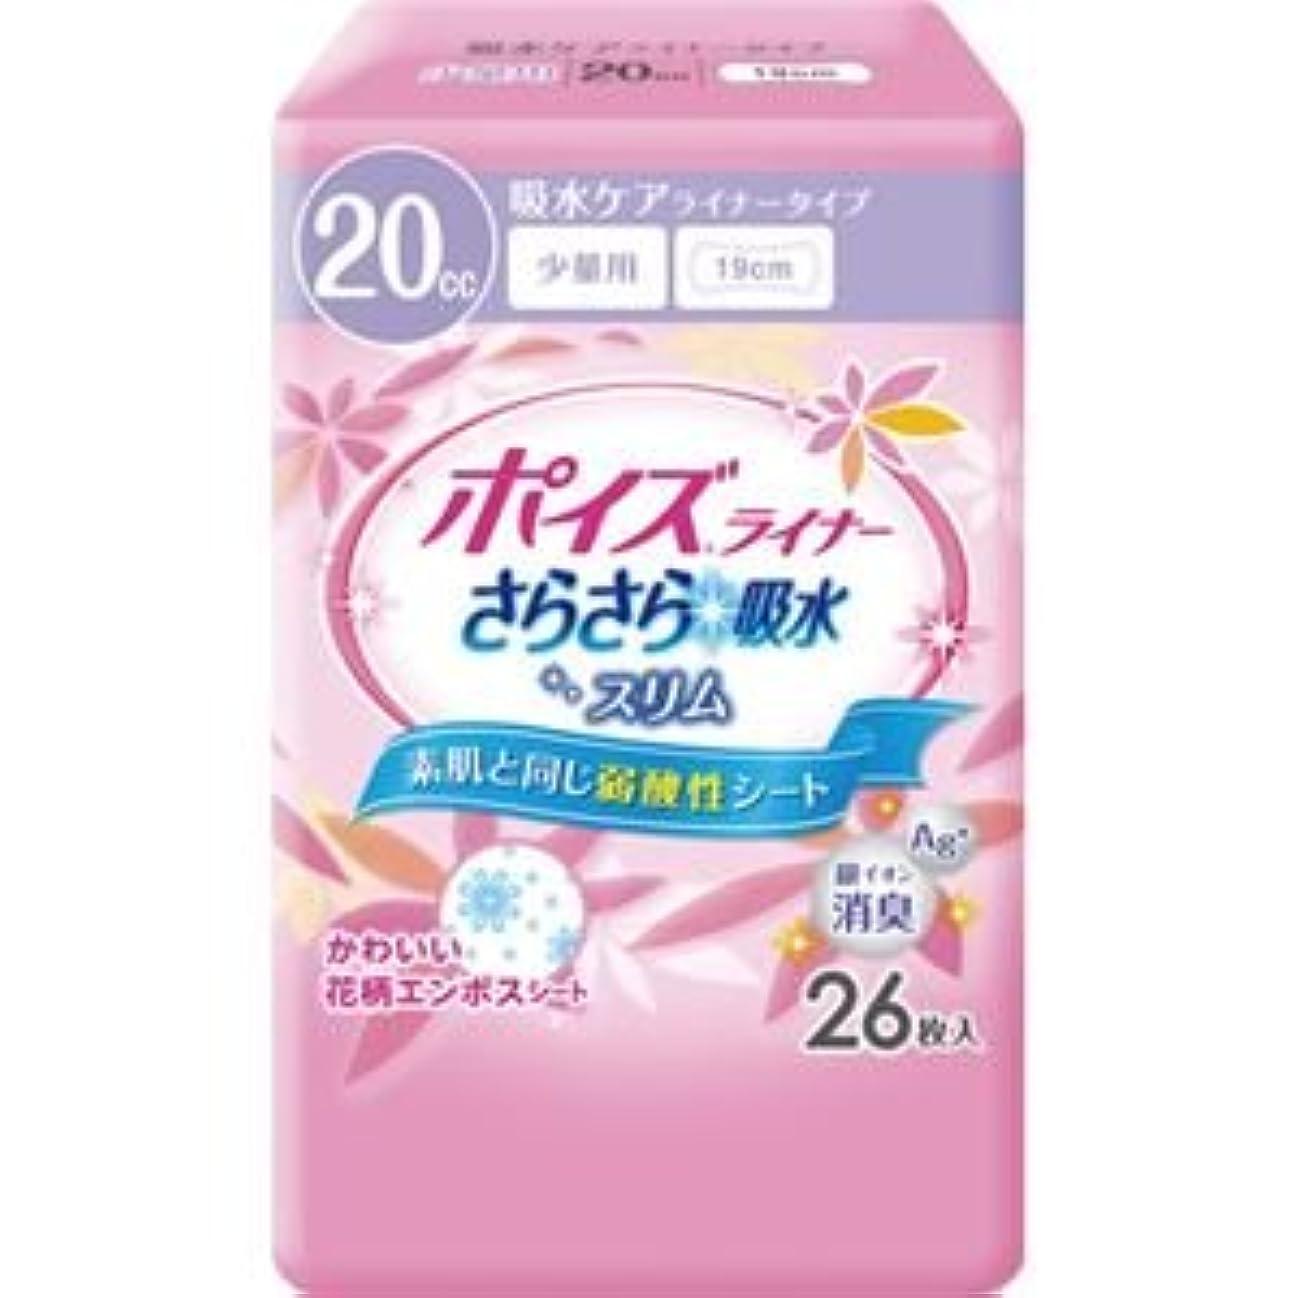 挨拶する引き金ドキドキ日本製紙クレシア ポイズライナーさらさら吸水スリム少量18P